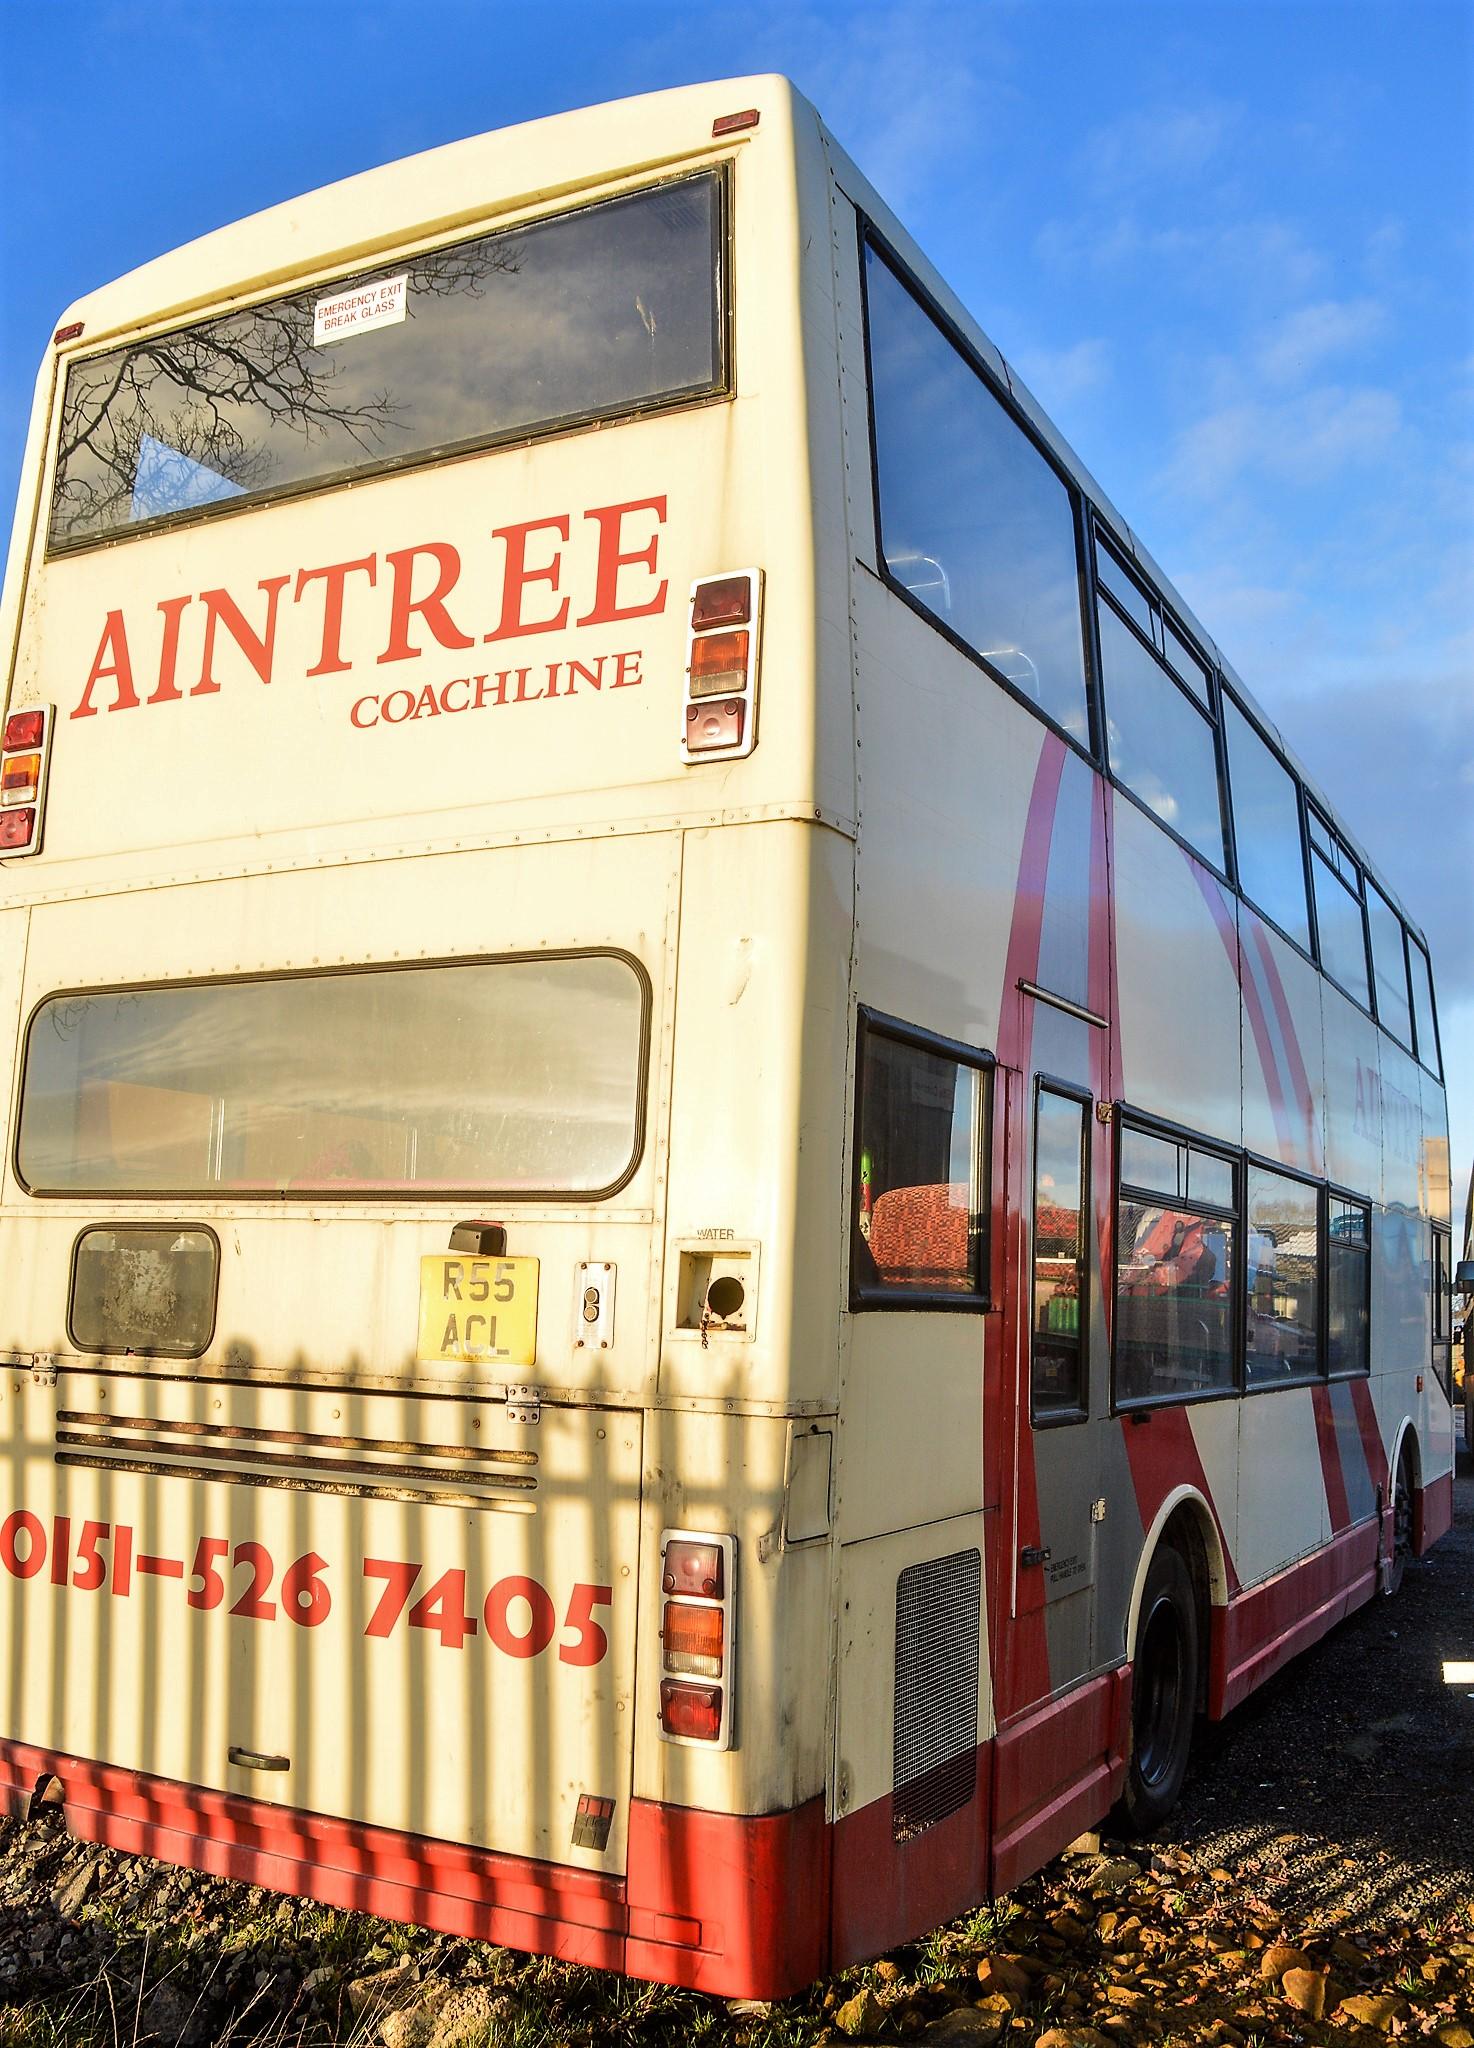 Lot 14 - Alexander Dennis double deck service bus for spares Registration Number: R644 LVE Date of